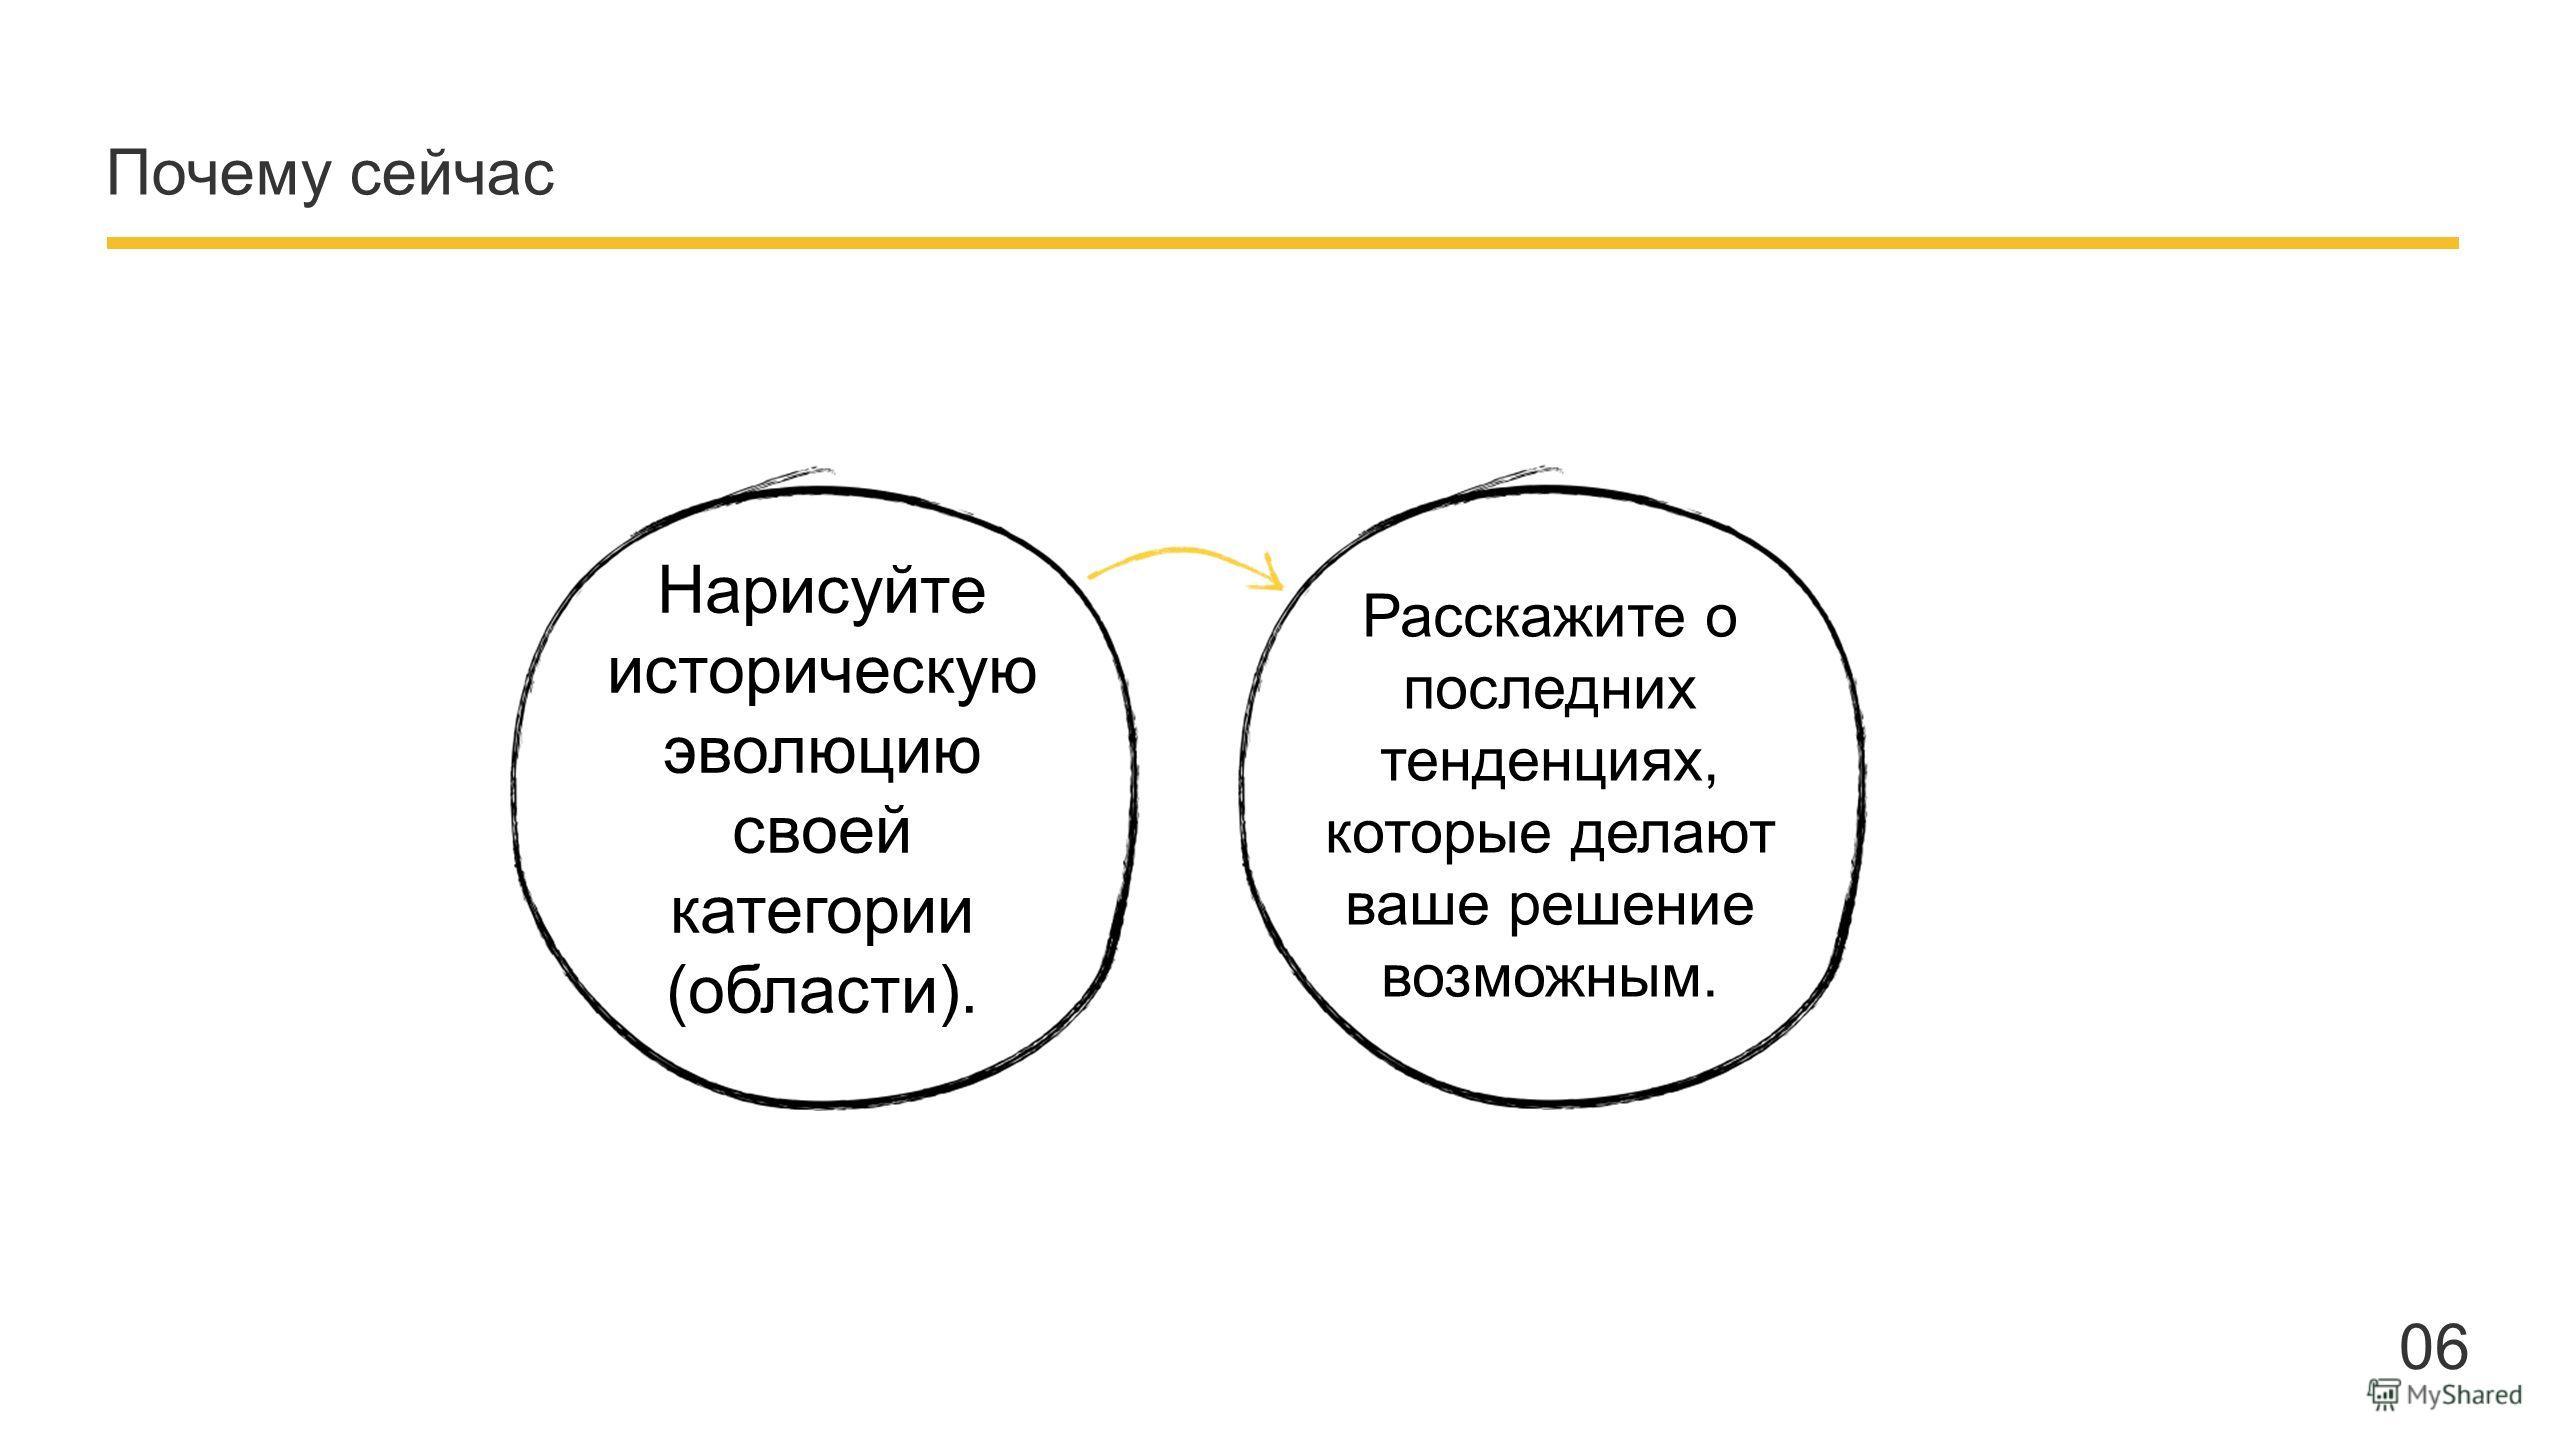 Company name - Presentation Почему сейчас Нарисуйте историческую эволюцию своей категории (области). Расскажите о последних тенденциях, которые делают ваше решение возможным. 0606